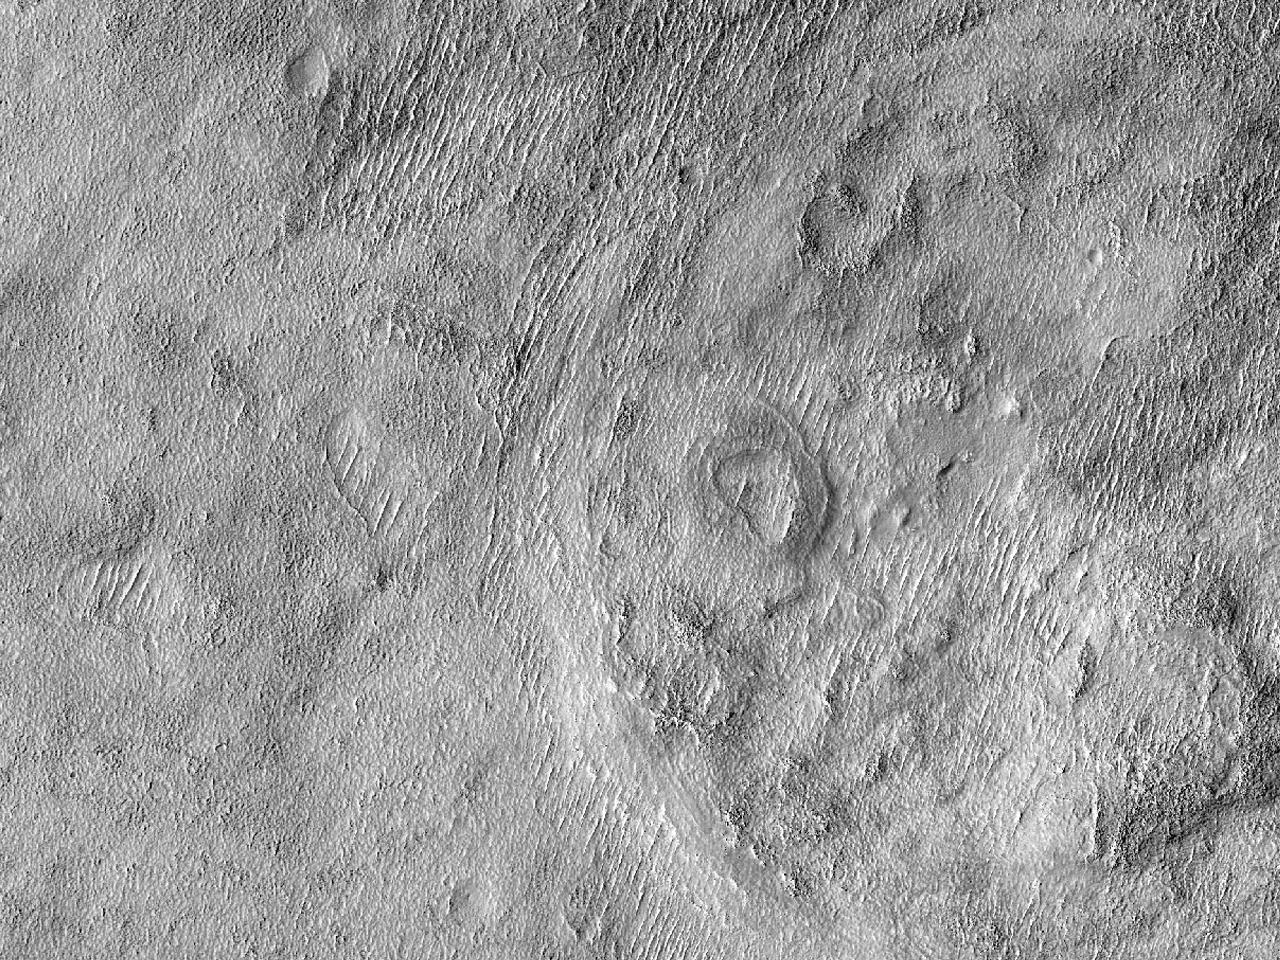 Eldre sirkulær formasjon i Aonia Terra